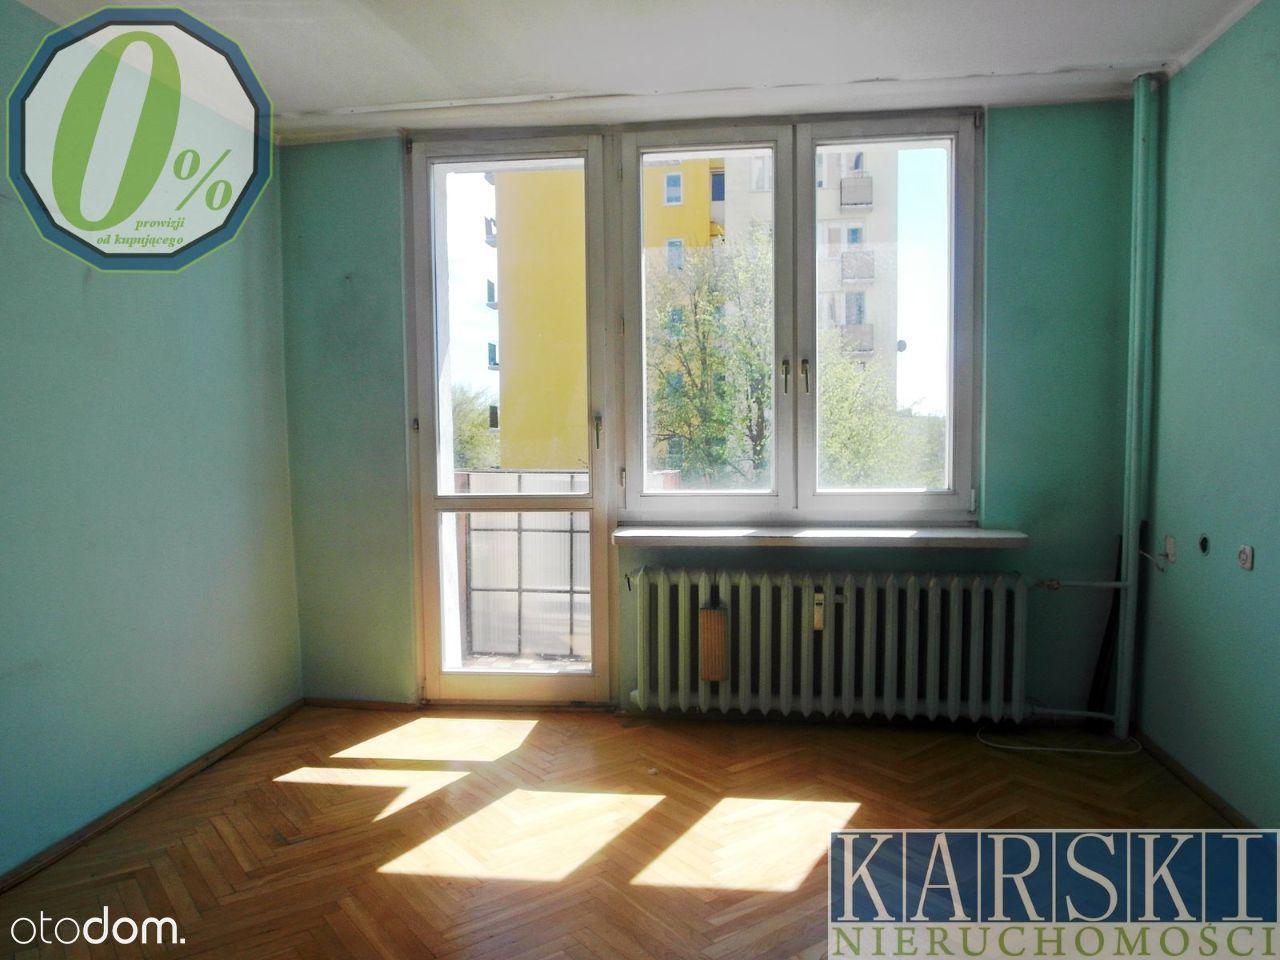 Rozkładowe, 3 pokoje, 47 m2 do remontu, Żołnierska